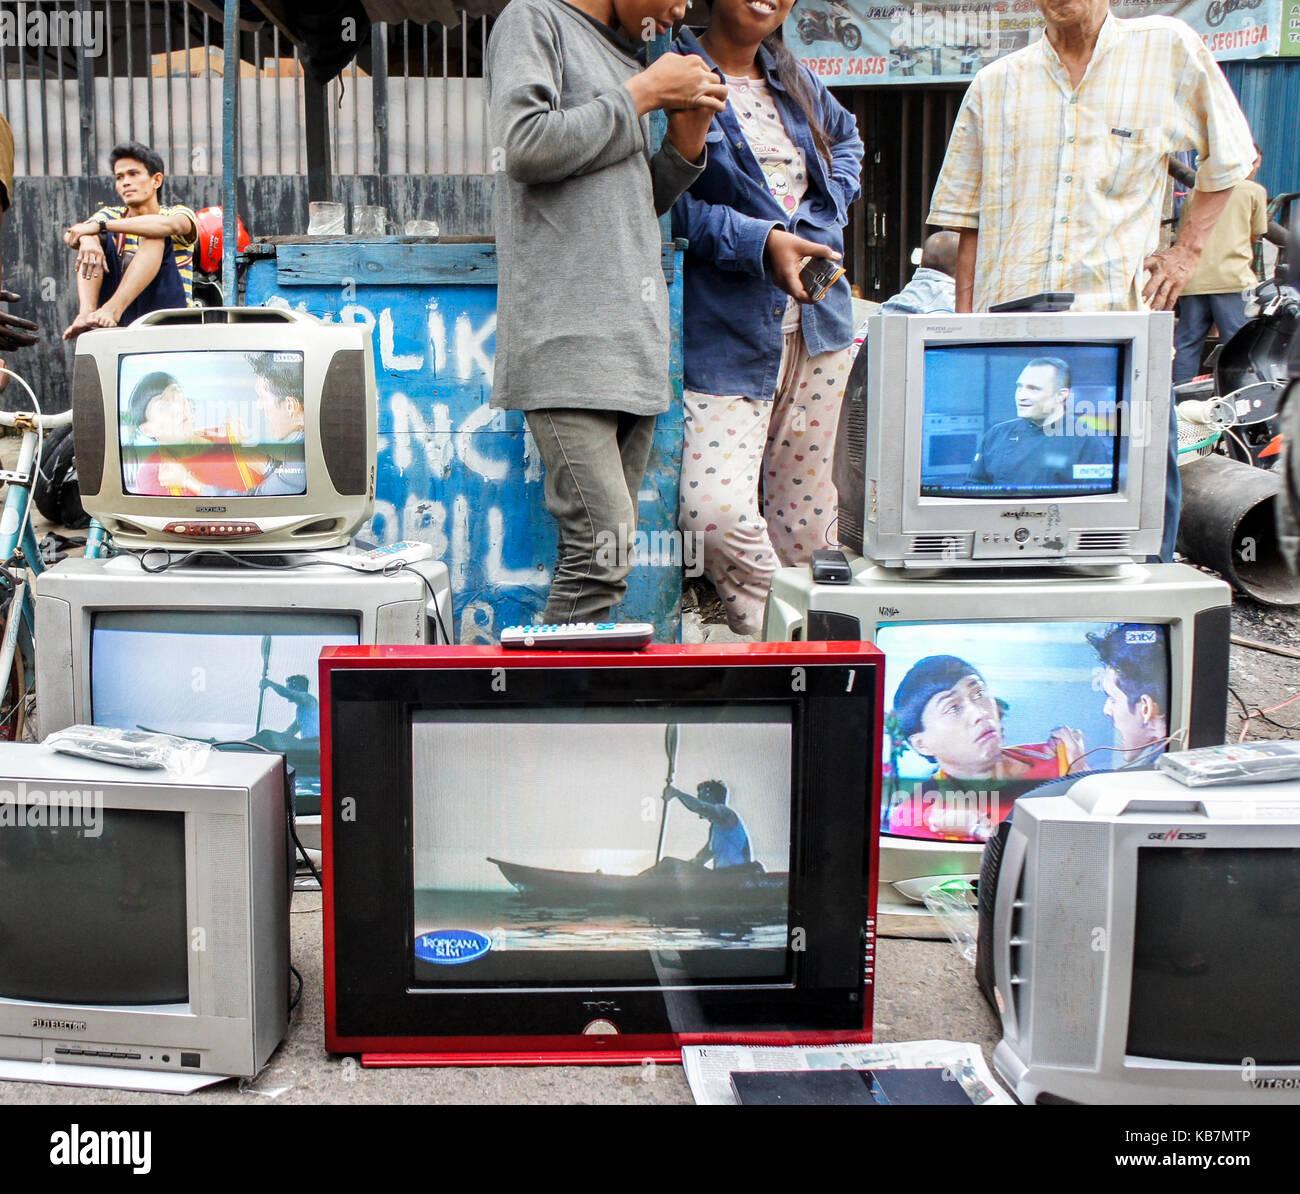 Used television sell at street market, Palembang, Sumatera - Stock Image